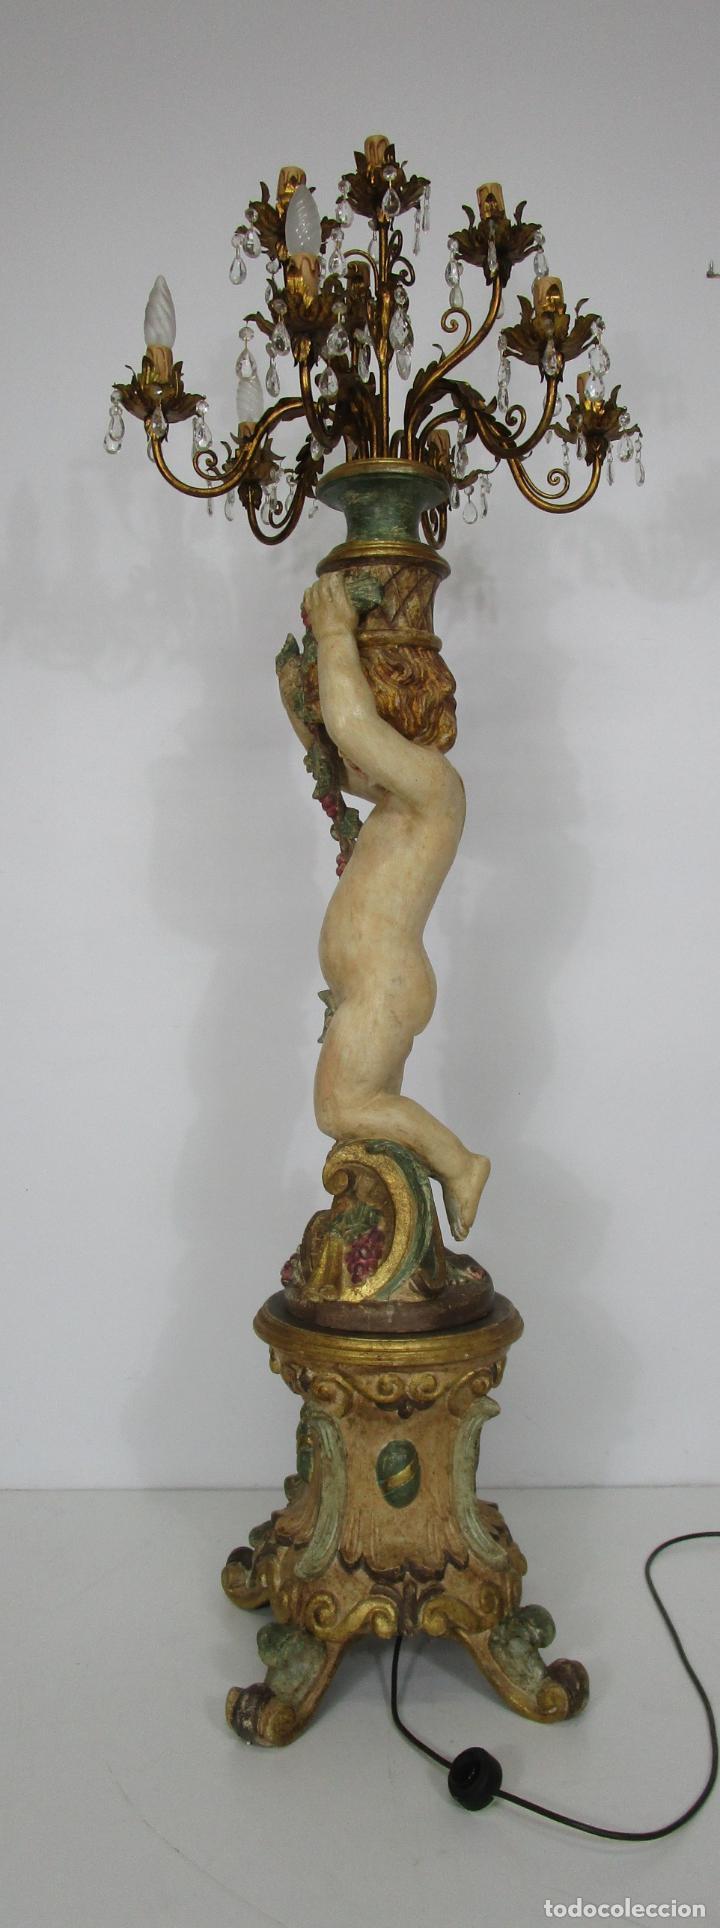 Antigüedades: Bonita Lámpara de Pie - Ángel Torchero - Talla de Madera Policromada - Altura 175 cm -Mediados S. XX - Foto 15 - 213388491